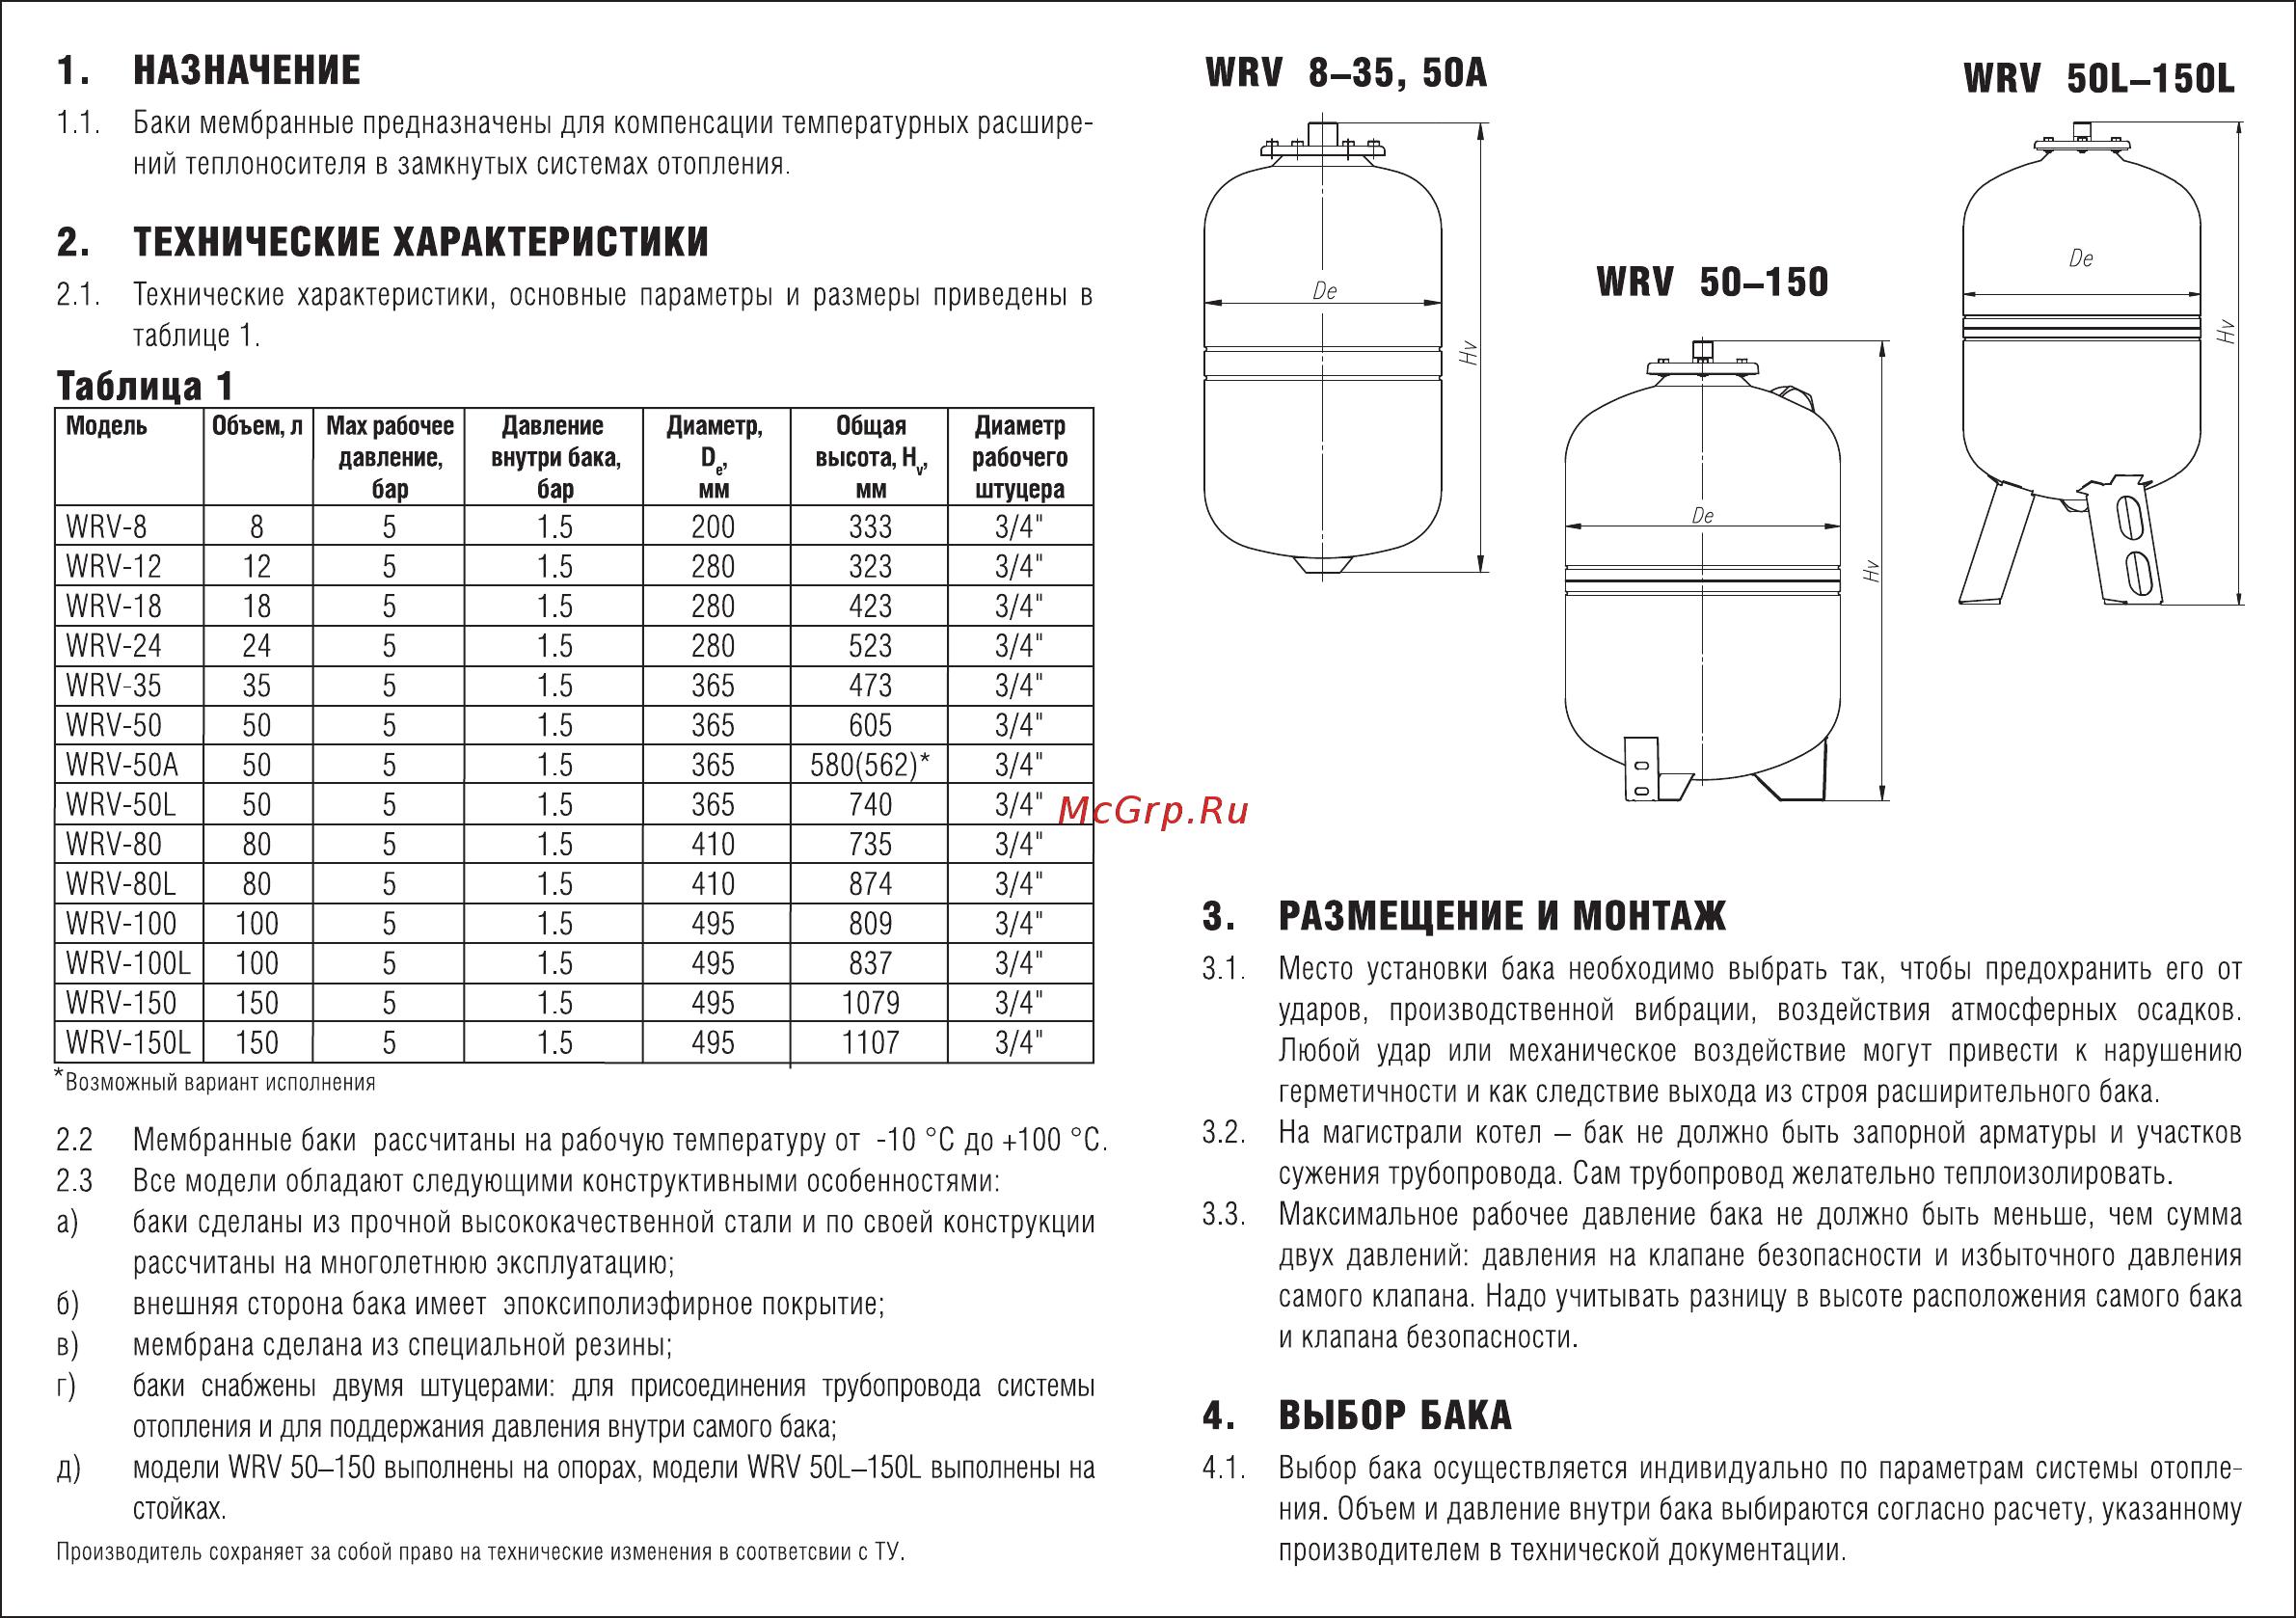 Давление в расширительном бачке отопления: какое должно быть в системе, как проверить в мембранном баке для горячей воды и воздуха